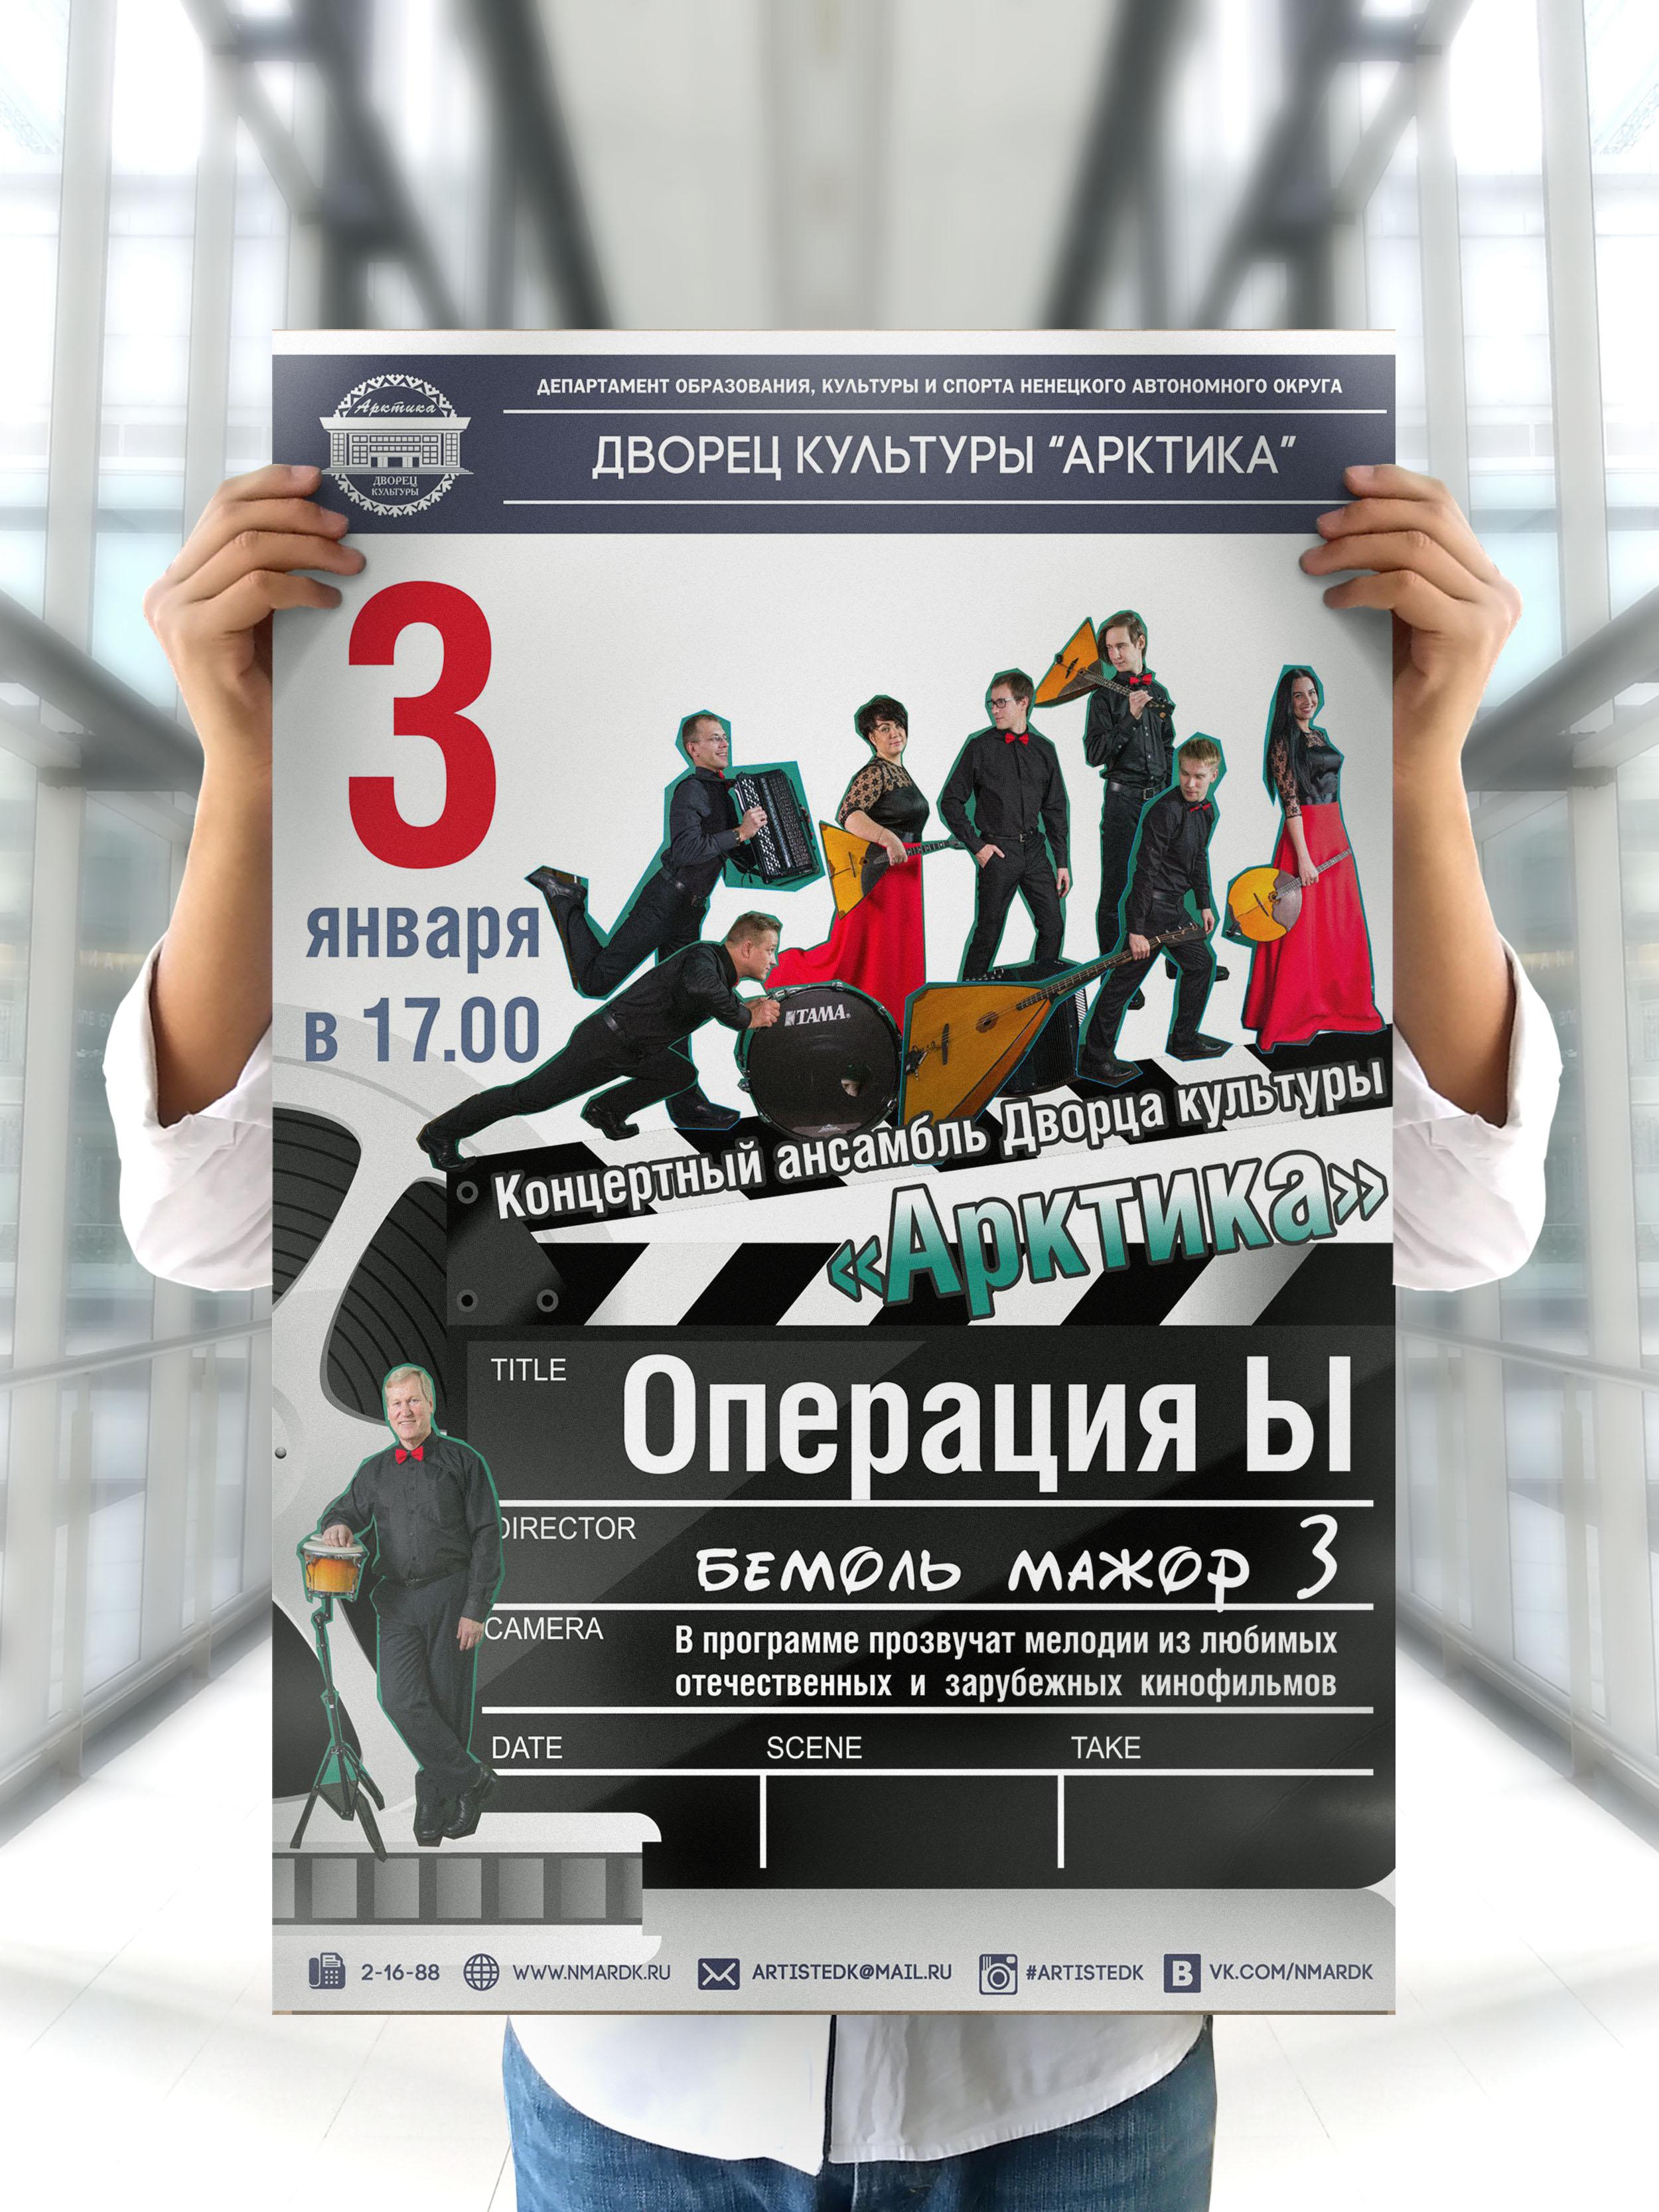 Театральная афиша - Операция Ы